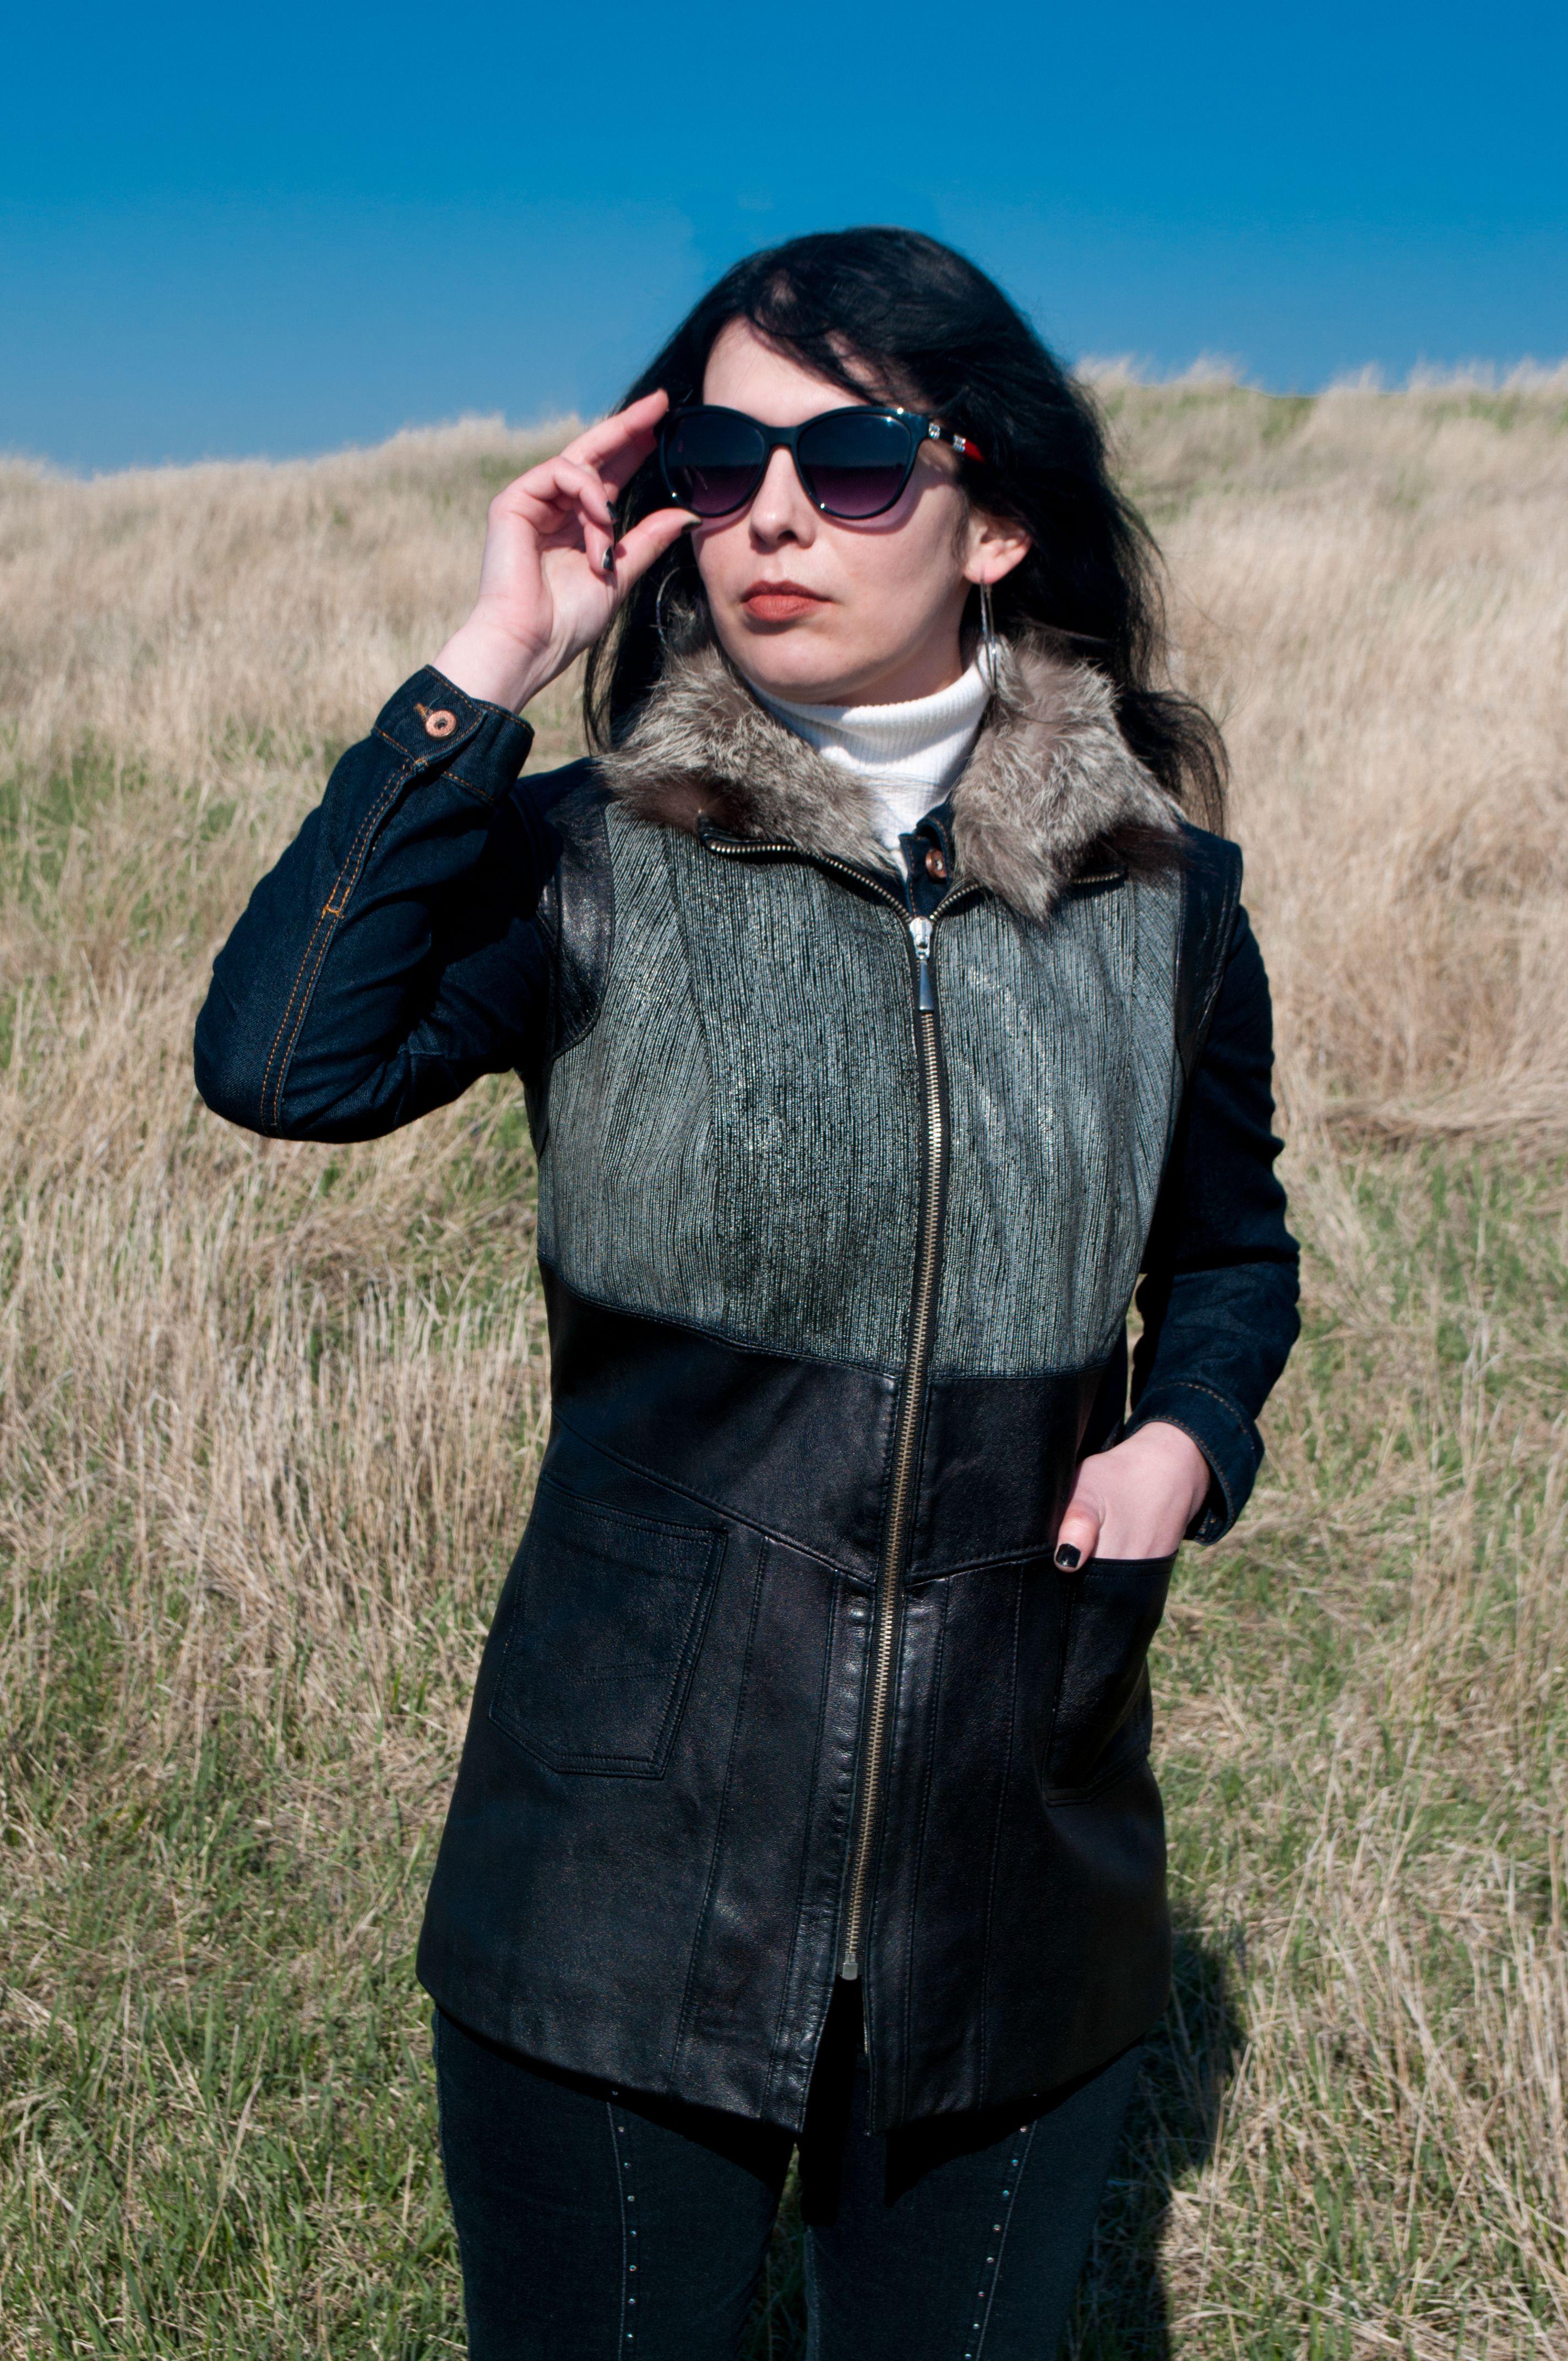 кожаный чернобурка жилеты женский жилет натурального меховой эксклюзивные кожи меха натуральной